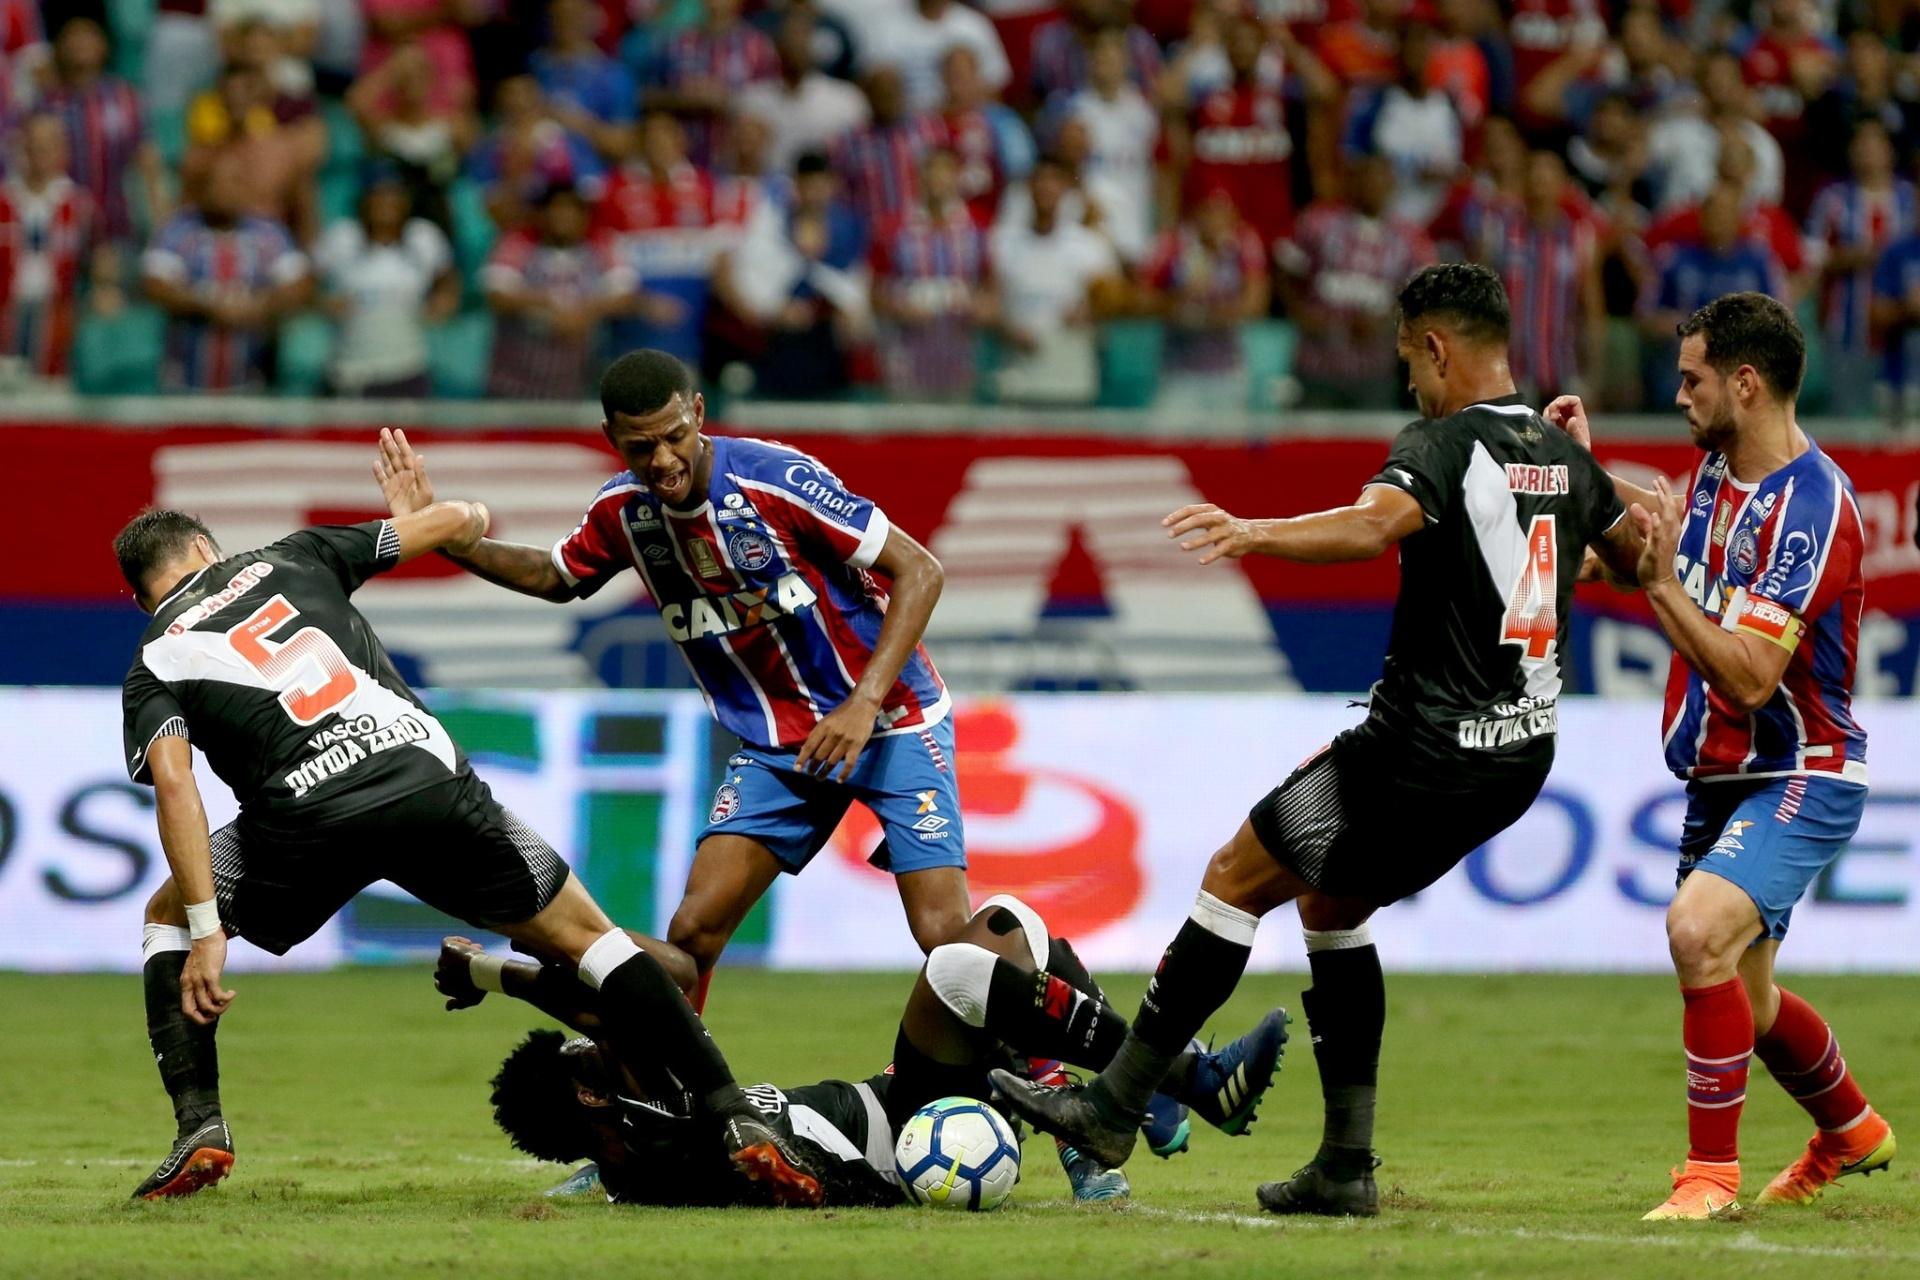 e6b00a08ee Novos baianos  Vasco recebe Vitória após derrota acachapante para Bahia -  13 05 2018 - UOL Esporte